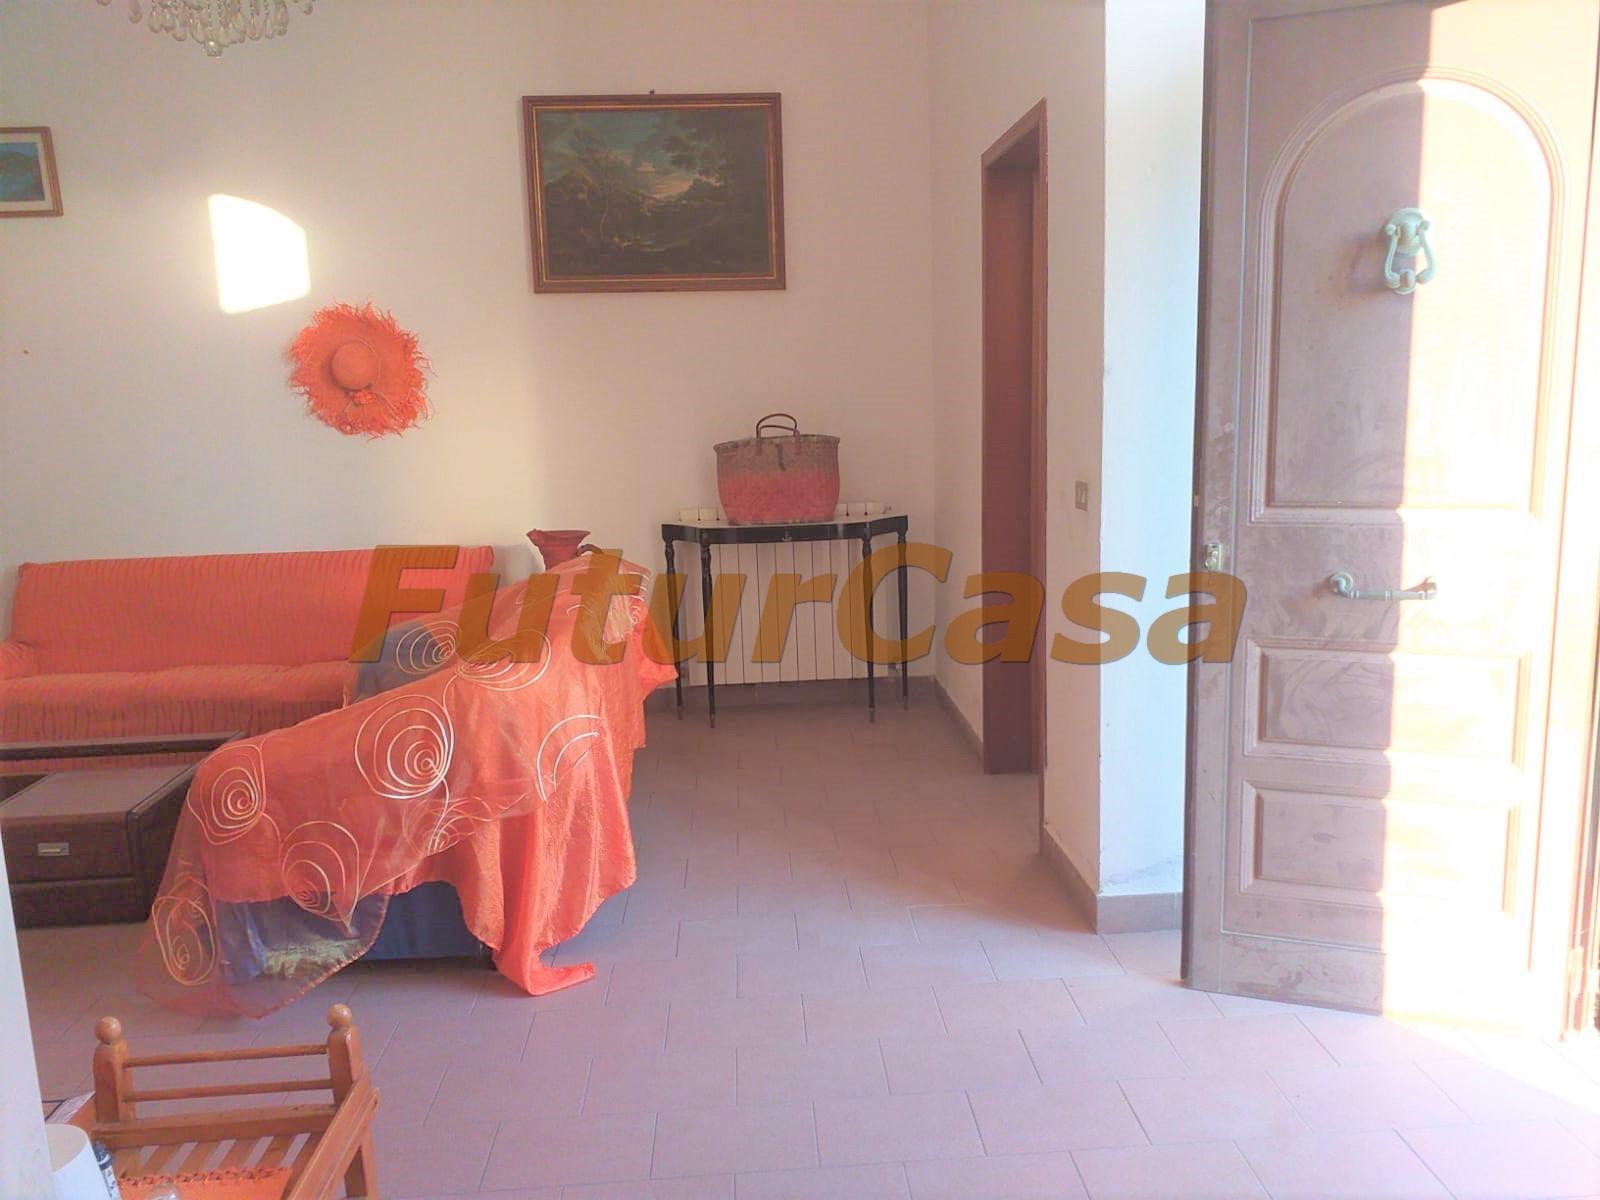 APPARTAMENTO in Affitto a Montecarlo (LUCCA)